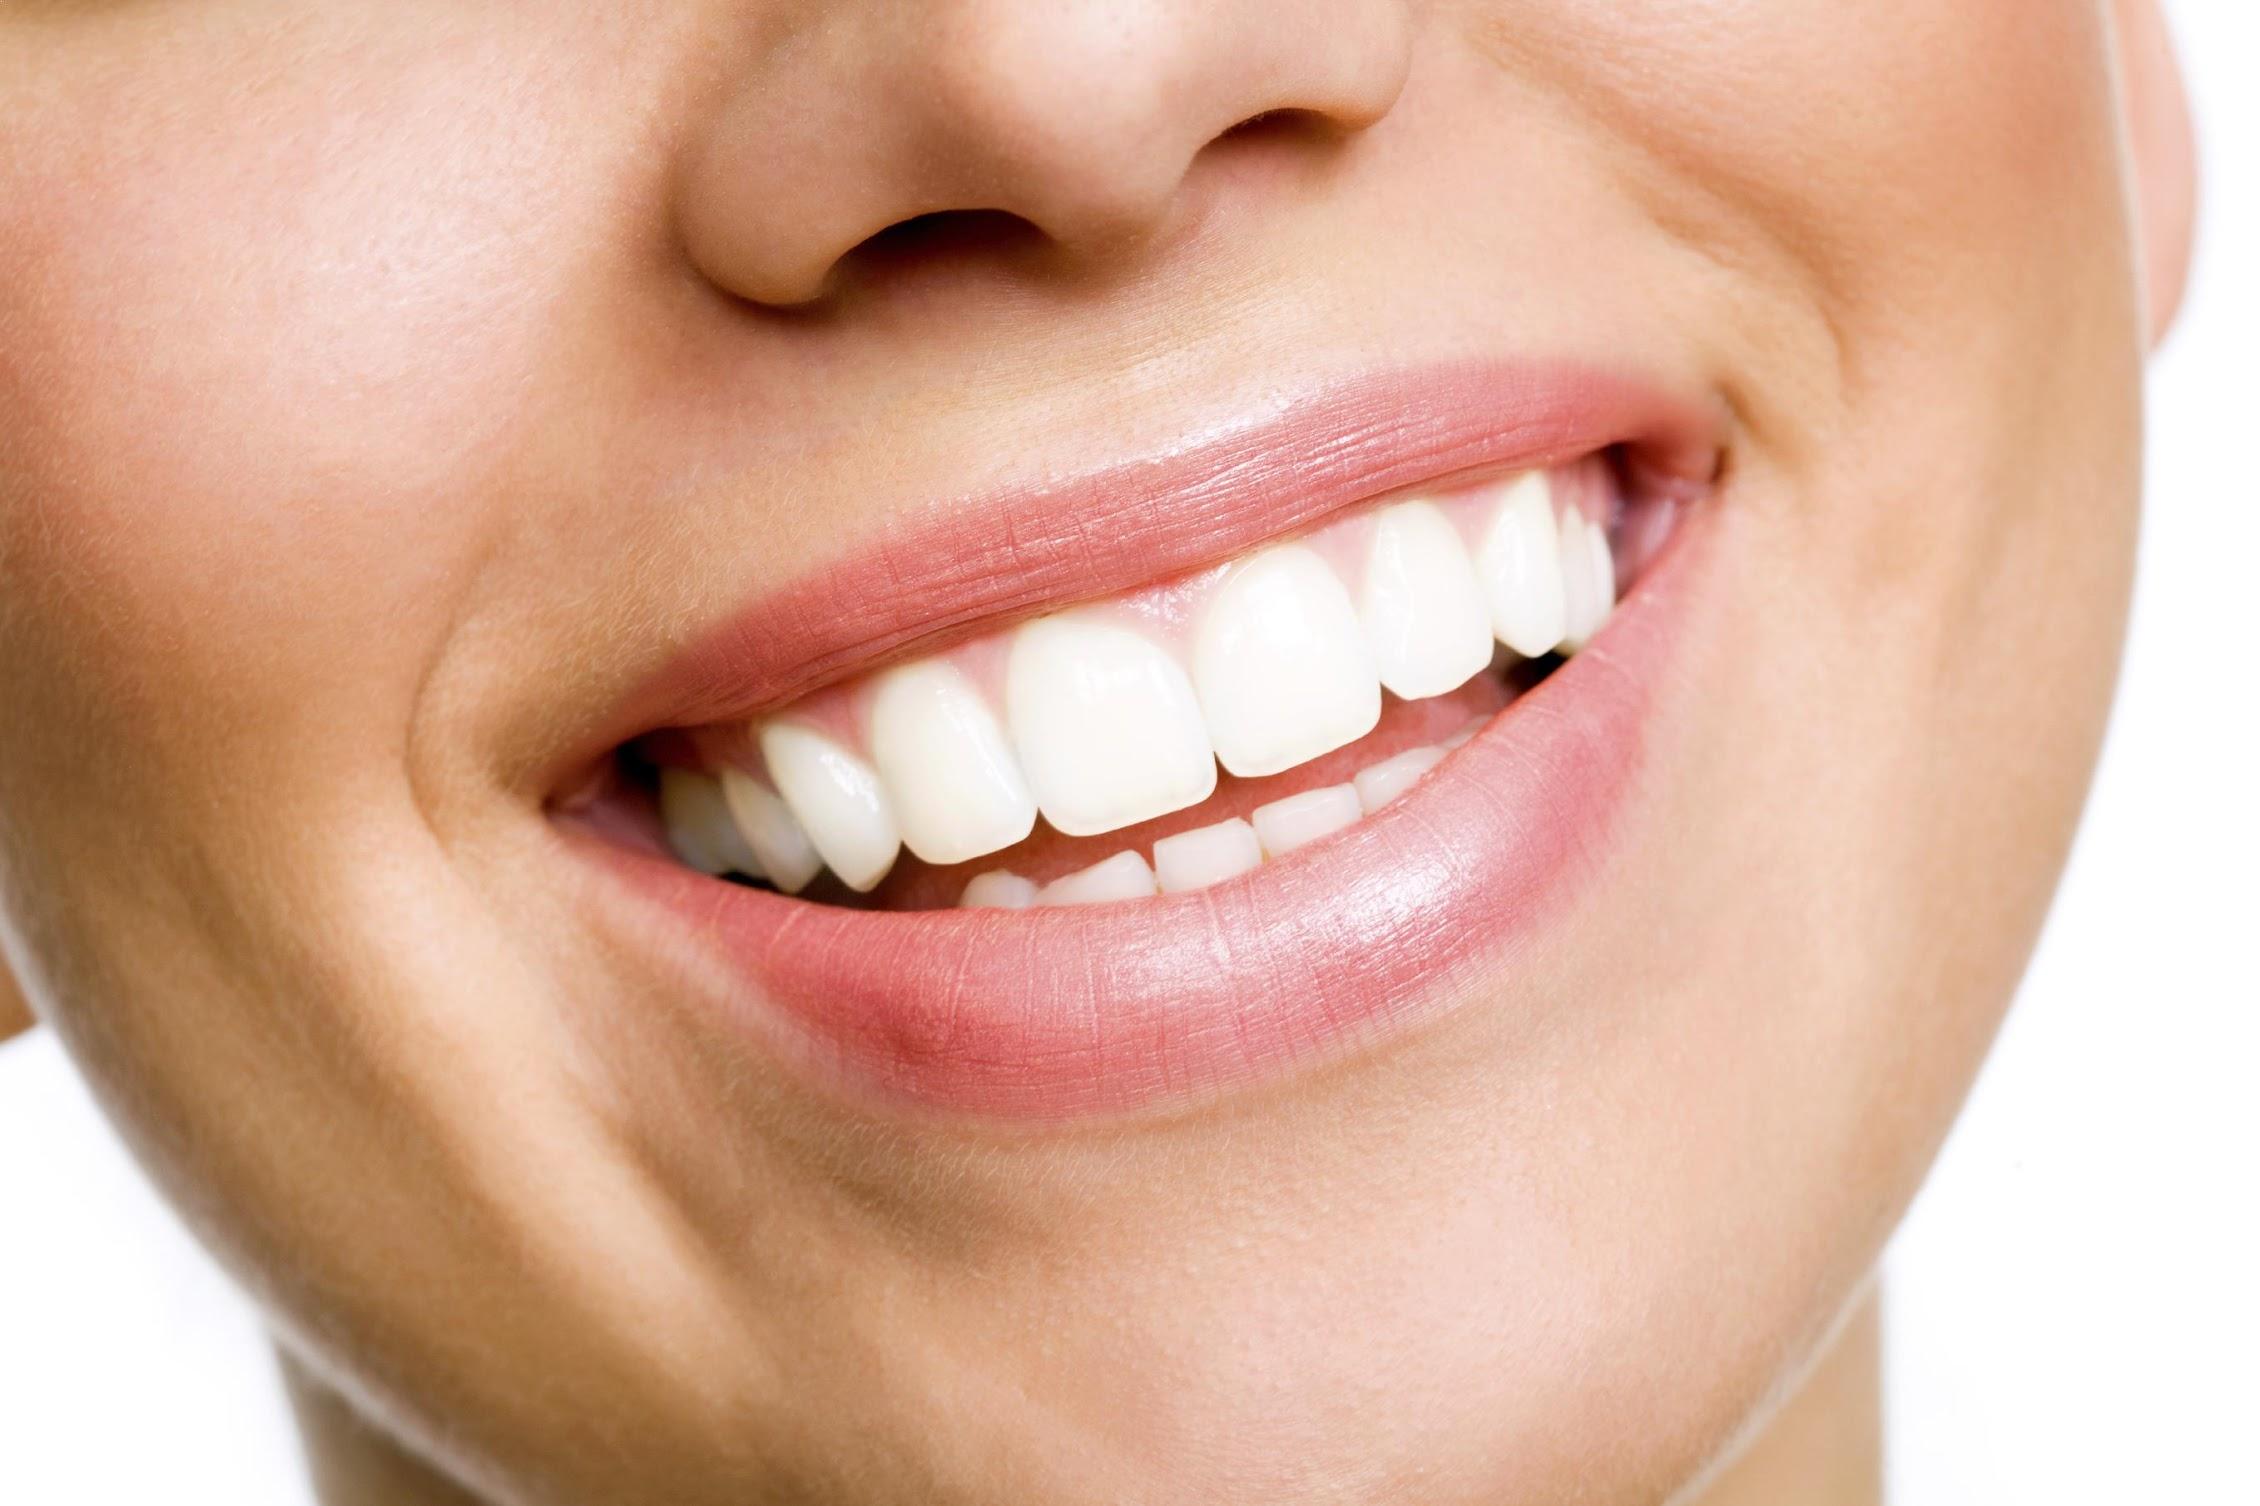 12 thực phẩm giúp răng trắng đẹp tự nhiên